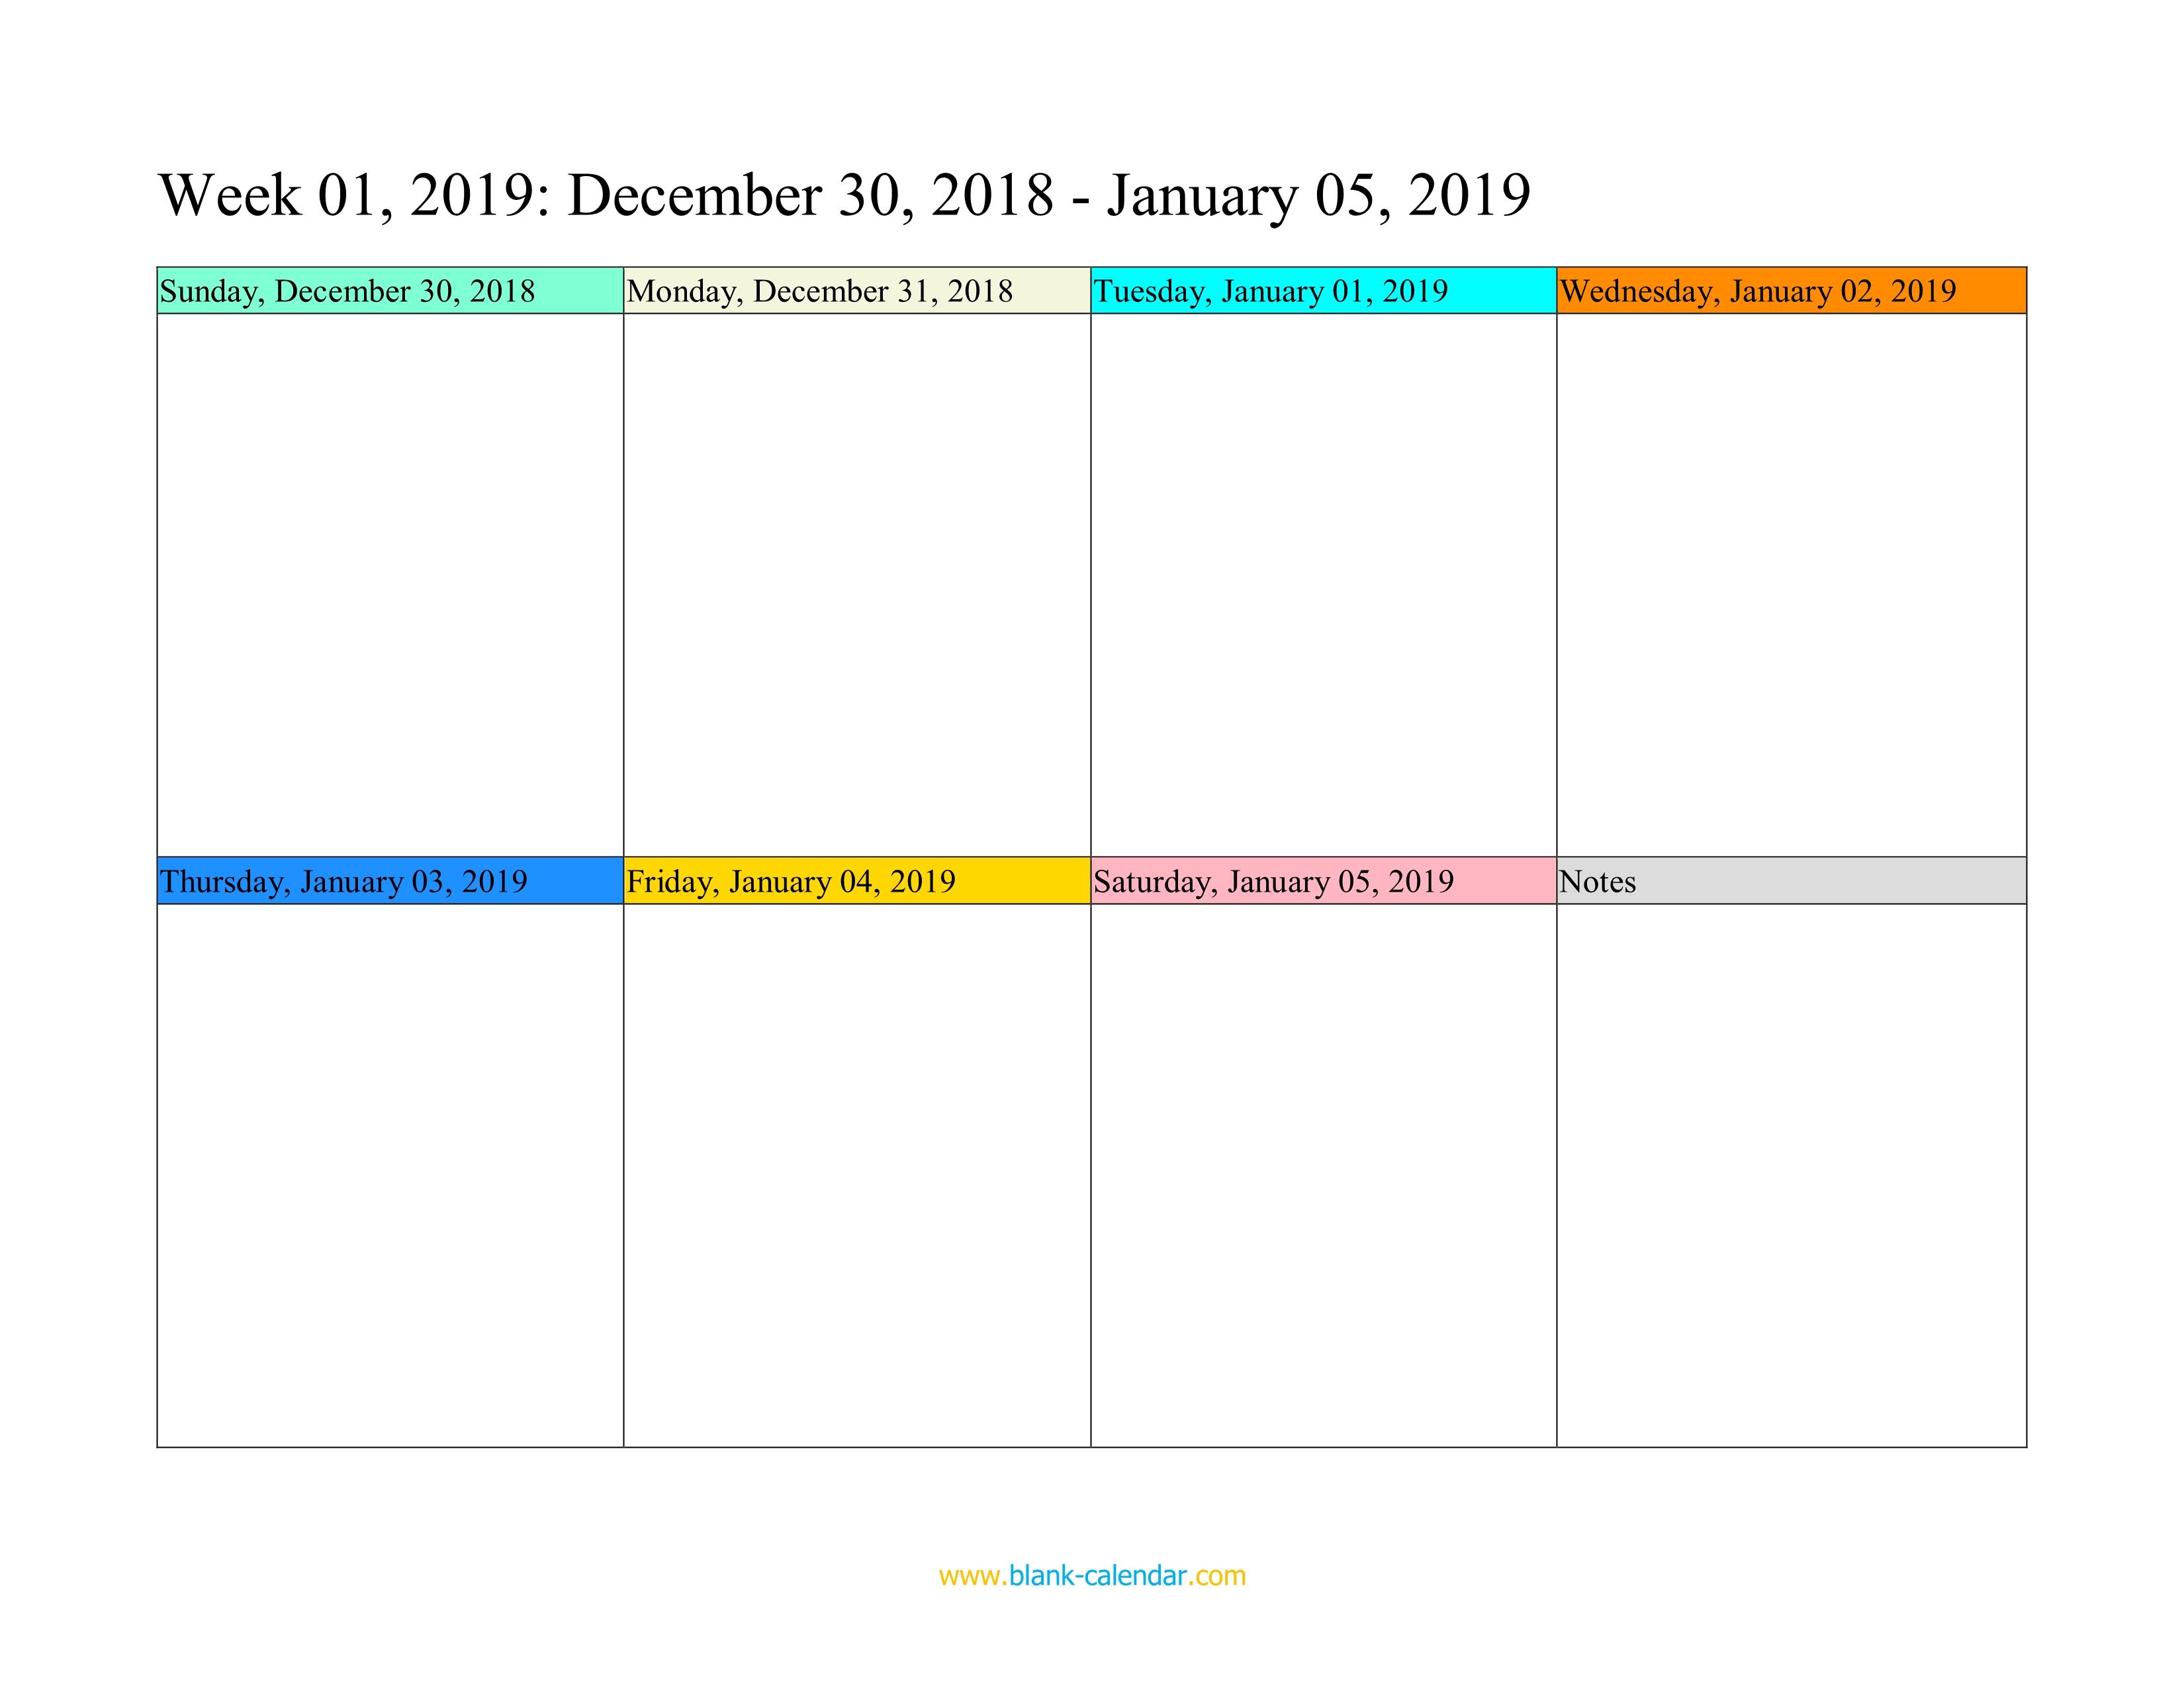 Weekly Calendar 2019 (Word, Excel, Pdf) regarding Blank Weekly Calender